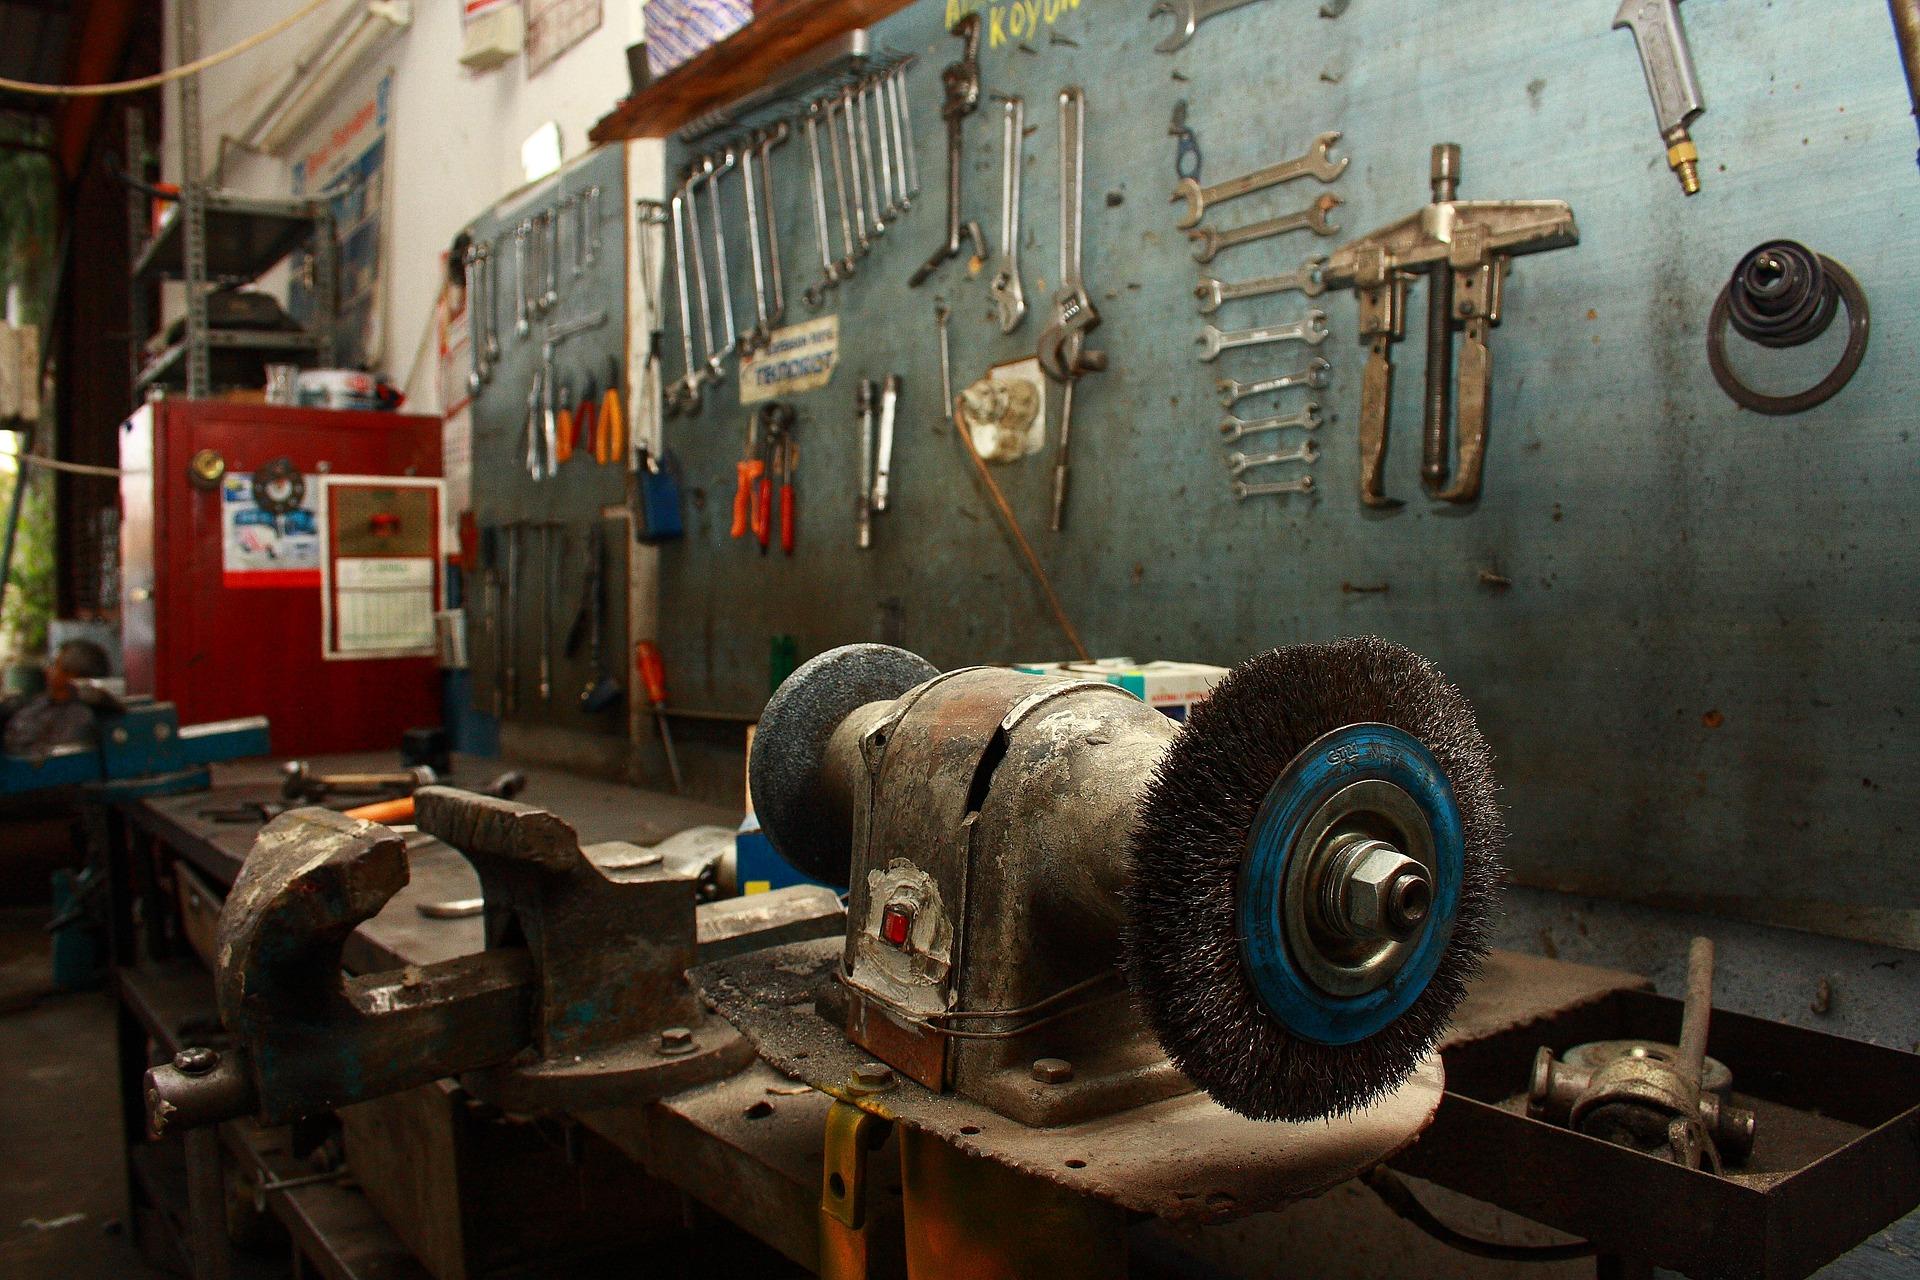 Réparation_automobile_de_Tempe_:_les_avantages_prouvés_d_un_entretien_régulier_du_véhicule_chez_Elite_Auto_Repair_à_Tempe